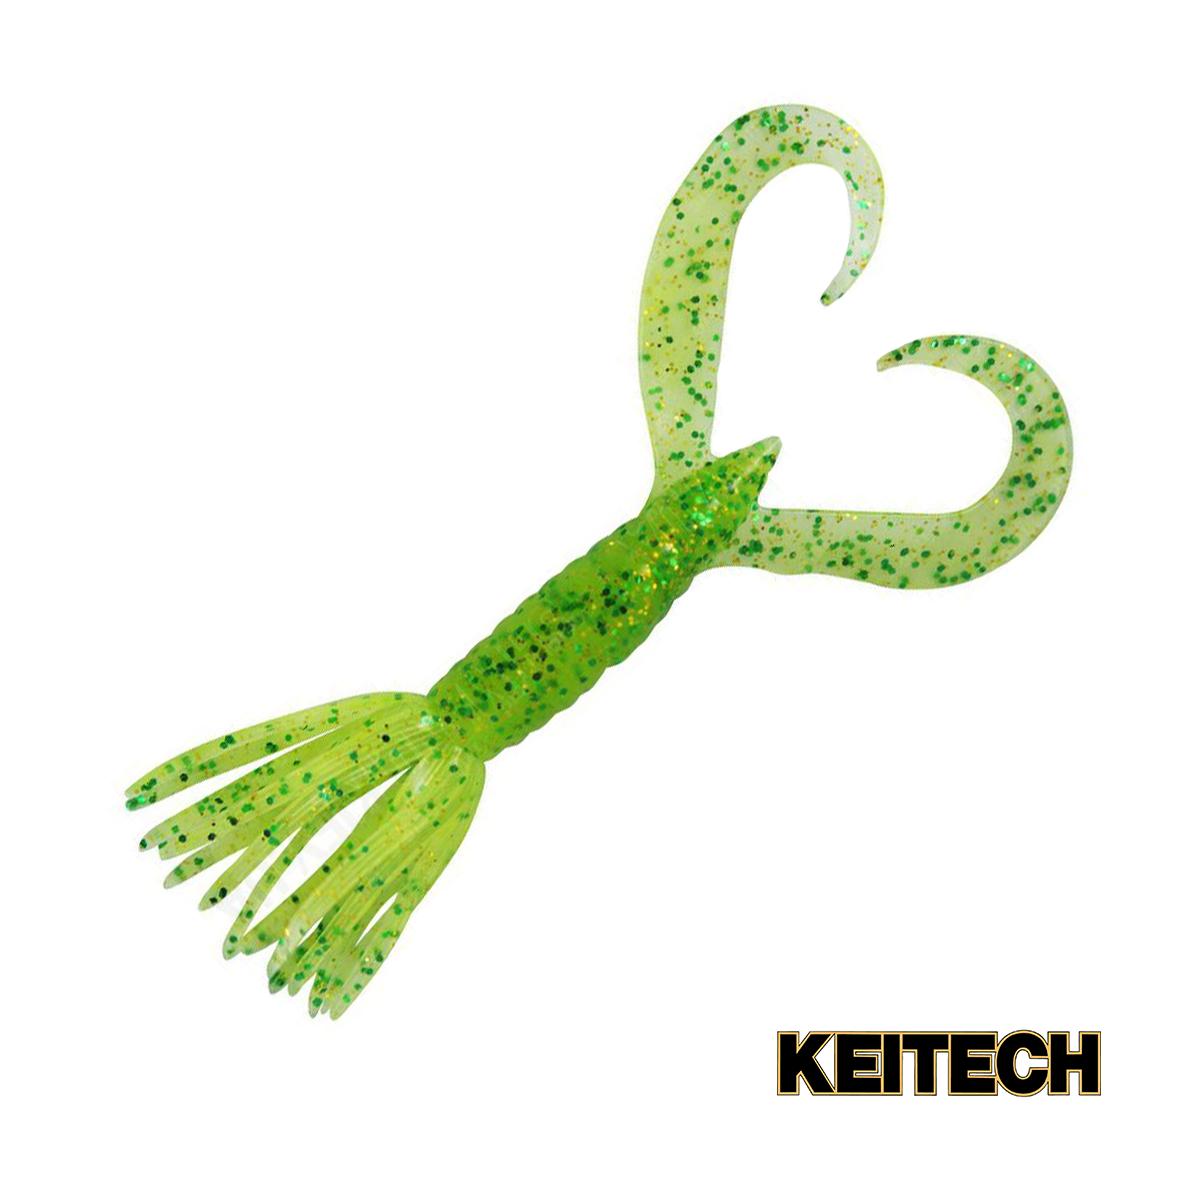 """Силикон Keitech Little Spider 3"""" (8 шт/упак) ц:424 lime chartreus"""